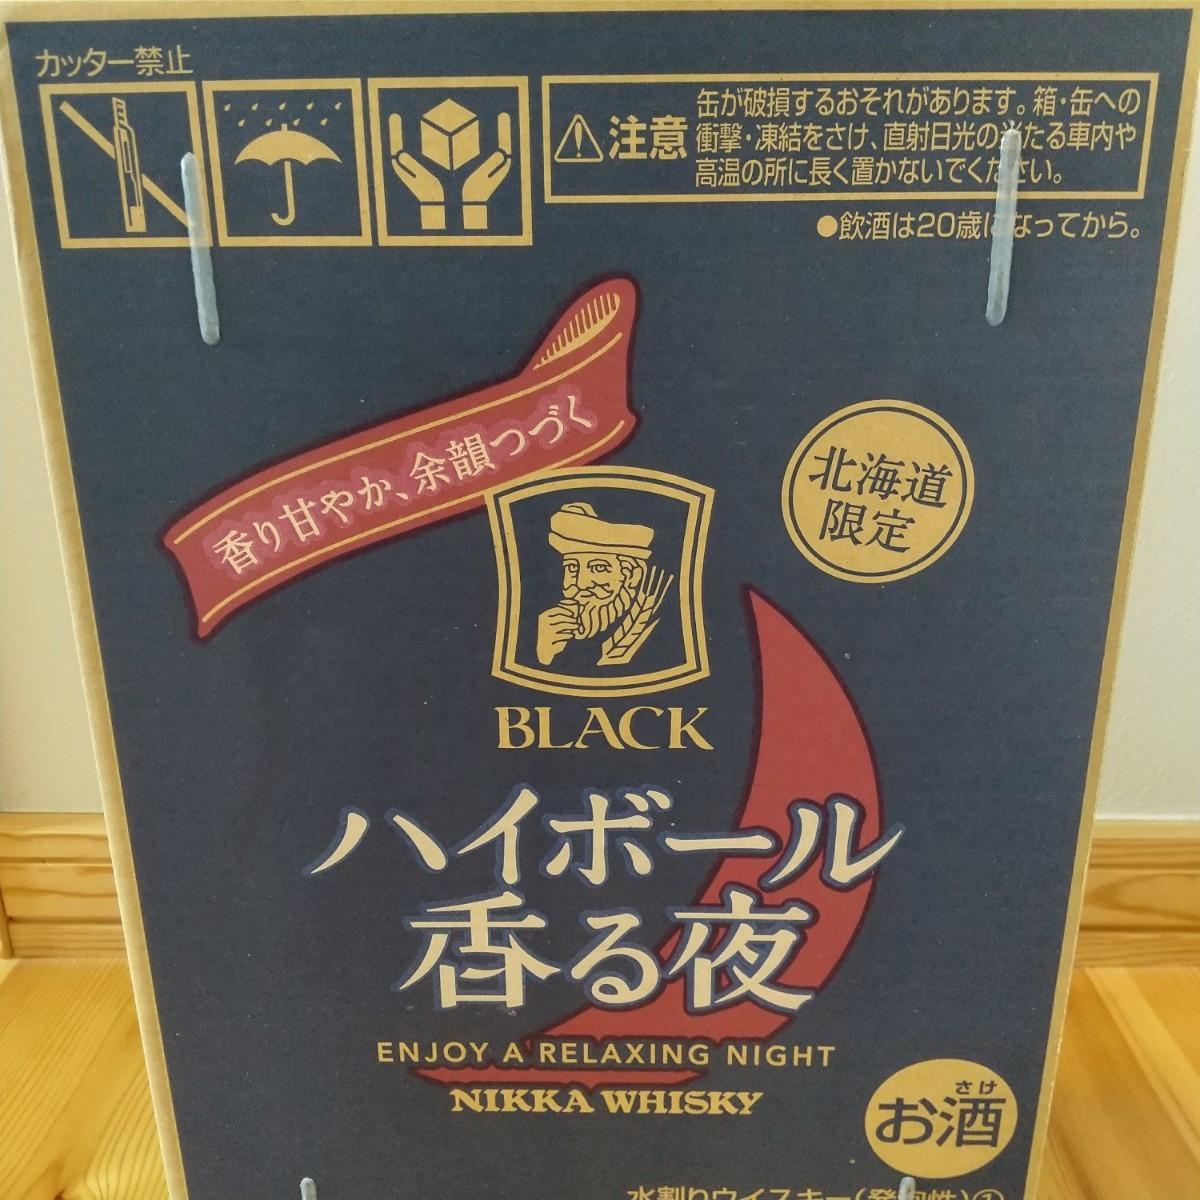 北海道限定★ハイボール香る夜24本入り 1ケース。 ブラックニッカ  ハイボール